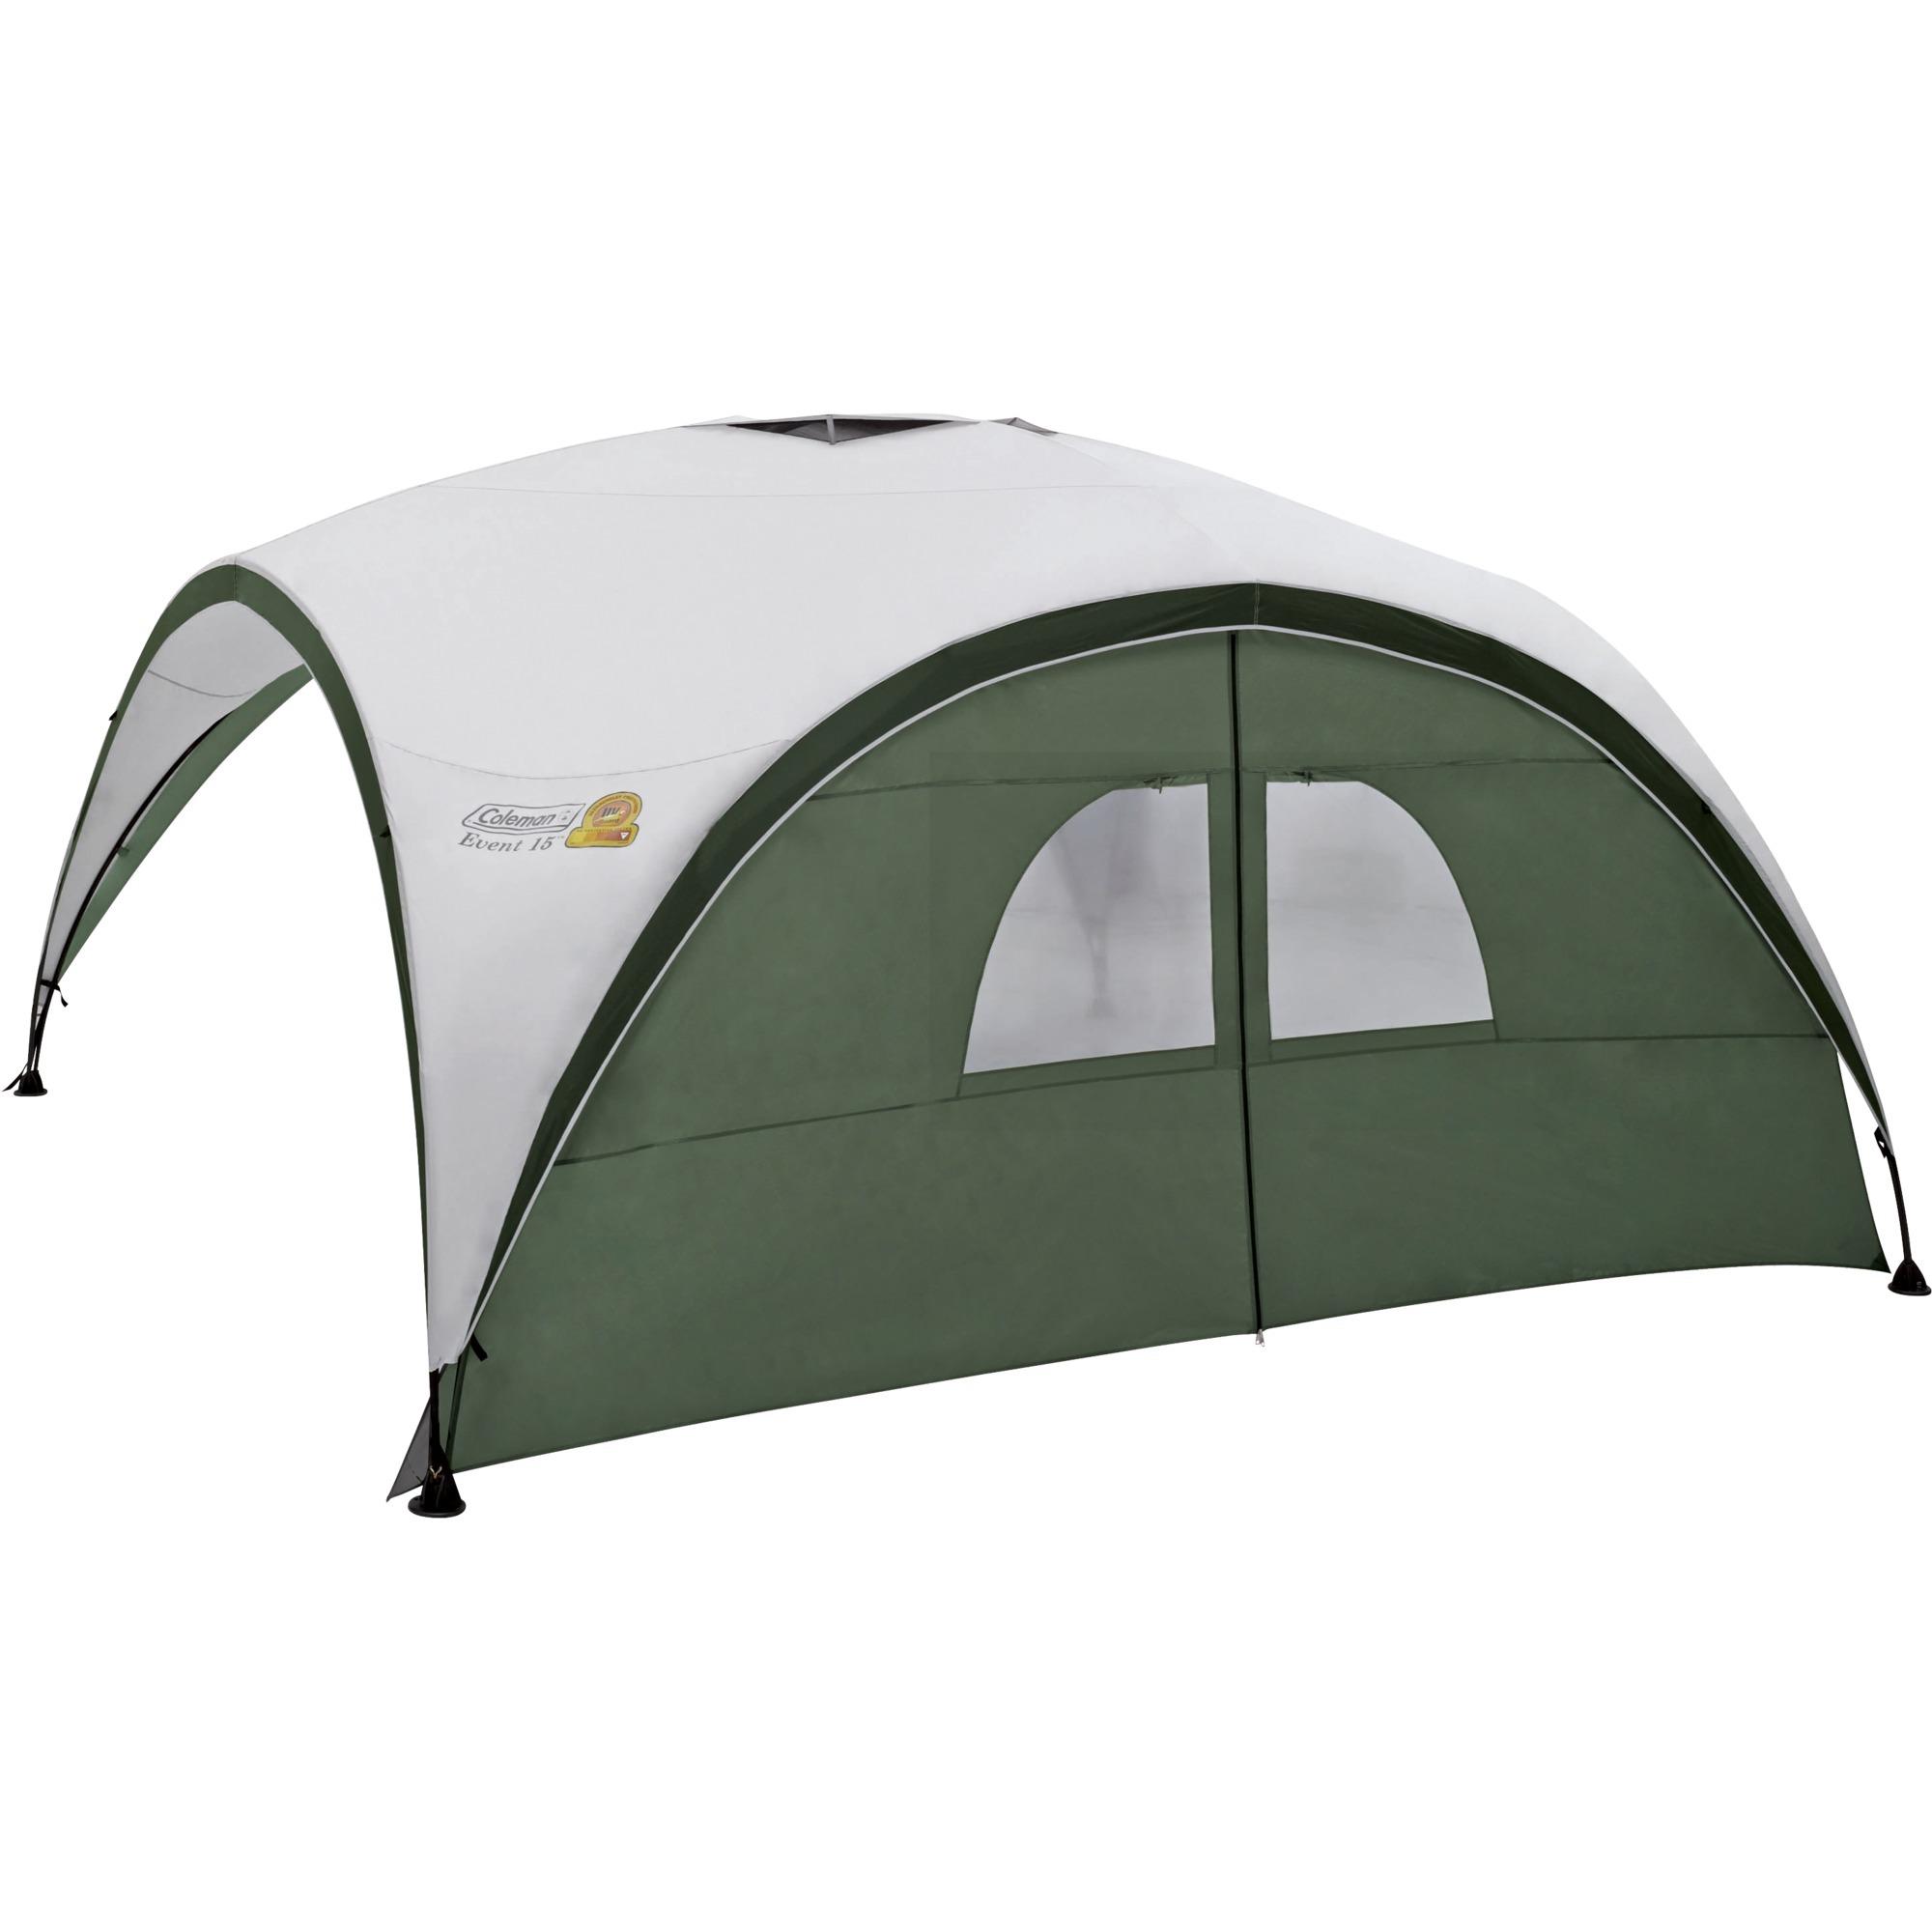 2000009775 Verde, Color blanco toldo y carpa para camping, Lateral